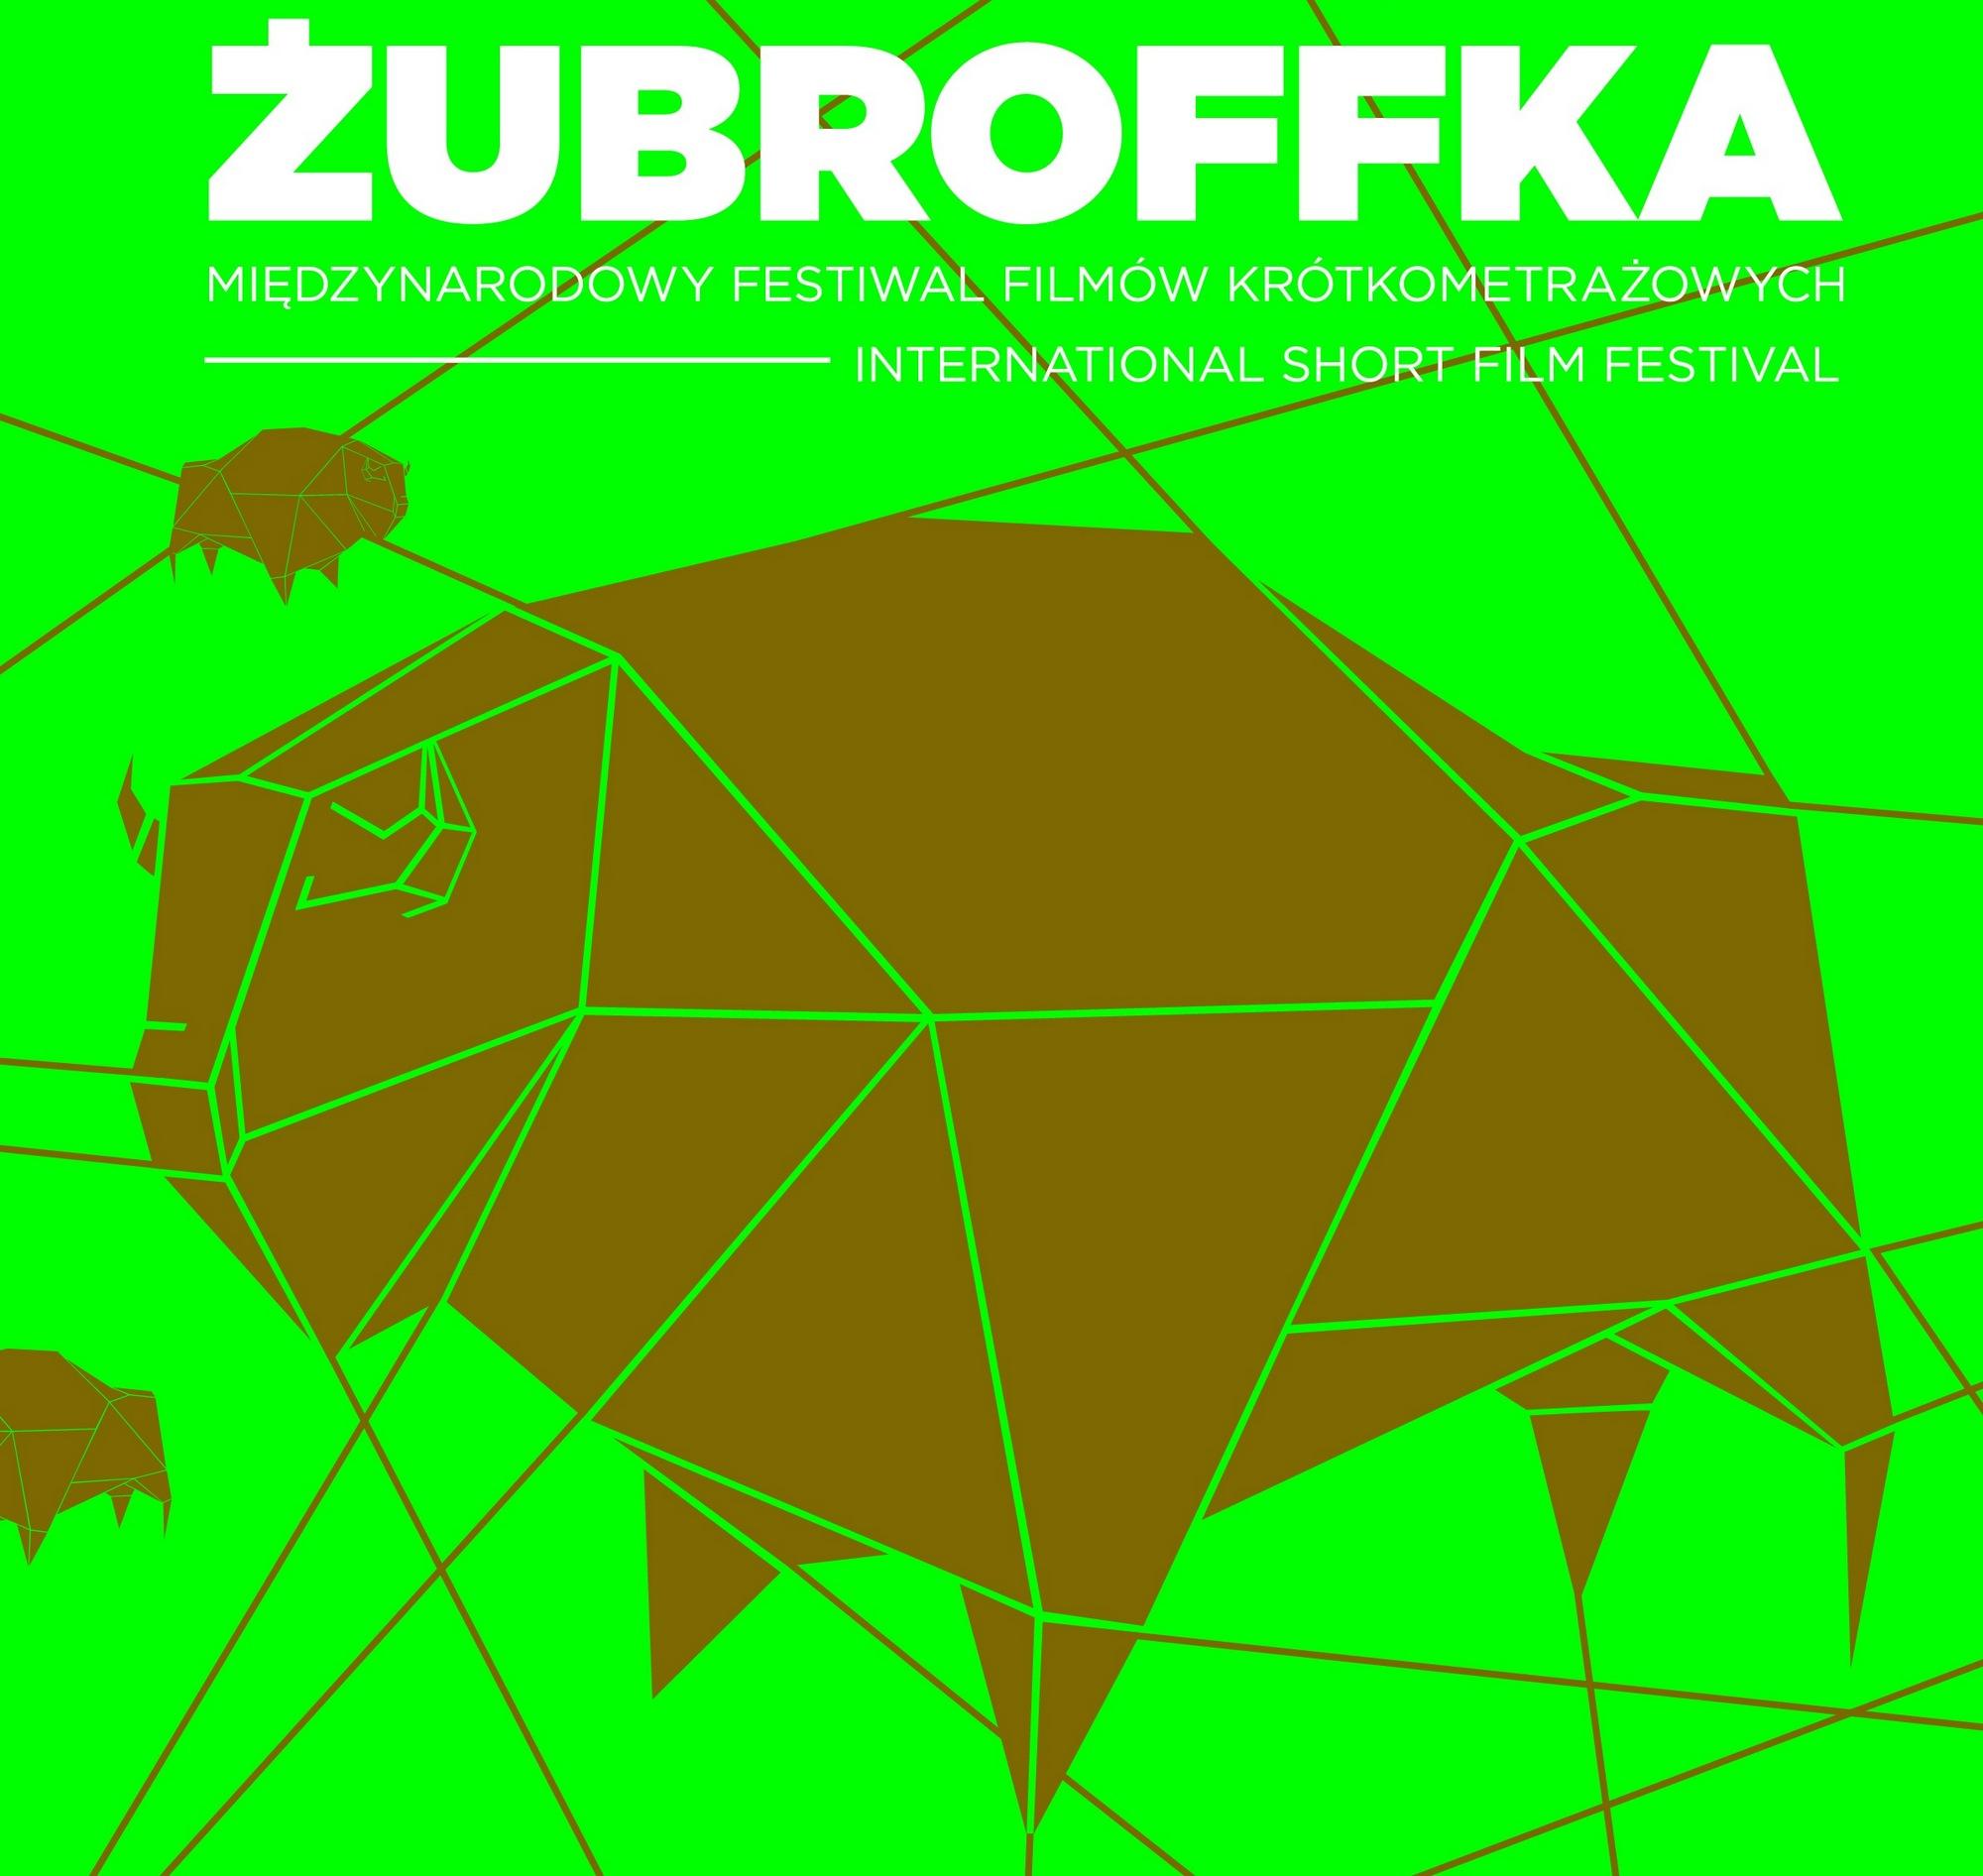 Międzynarodowy Festiwal Filmów Krótkometrażowych ŻubrOFFka – logo (źródło: materiały prasowe)